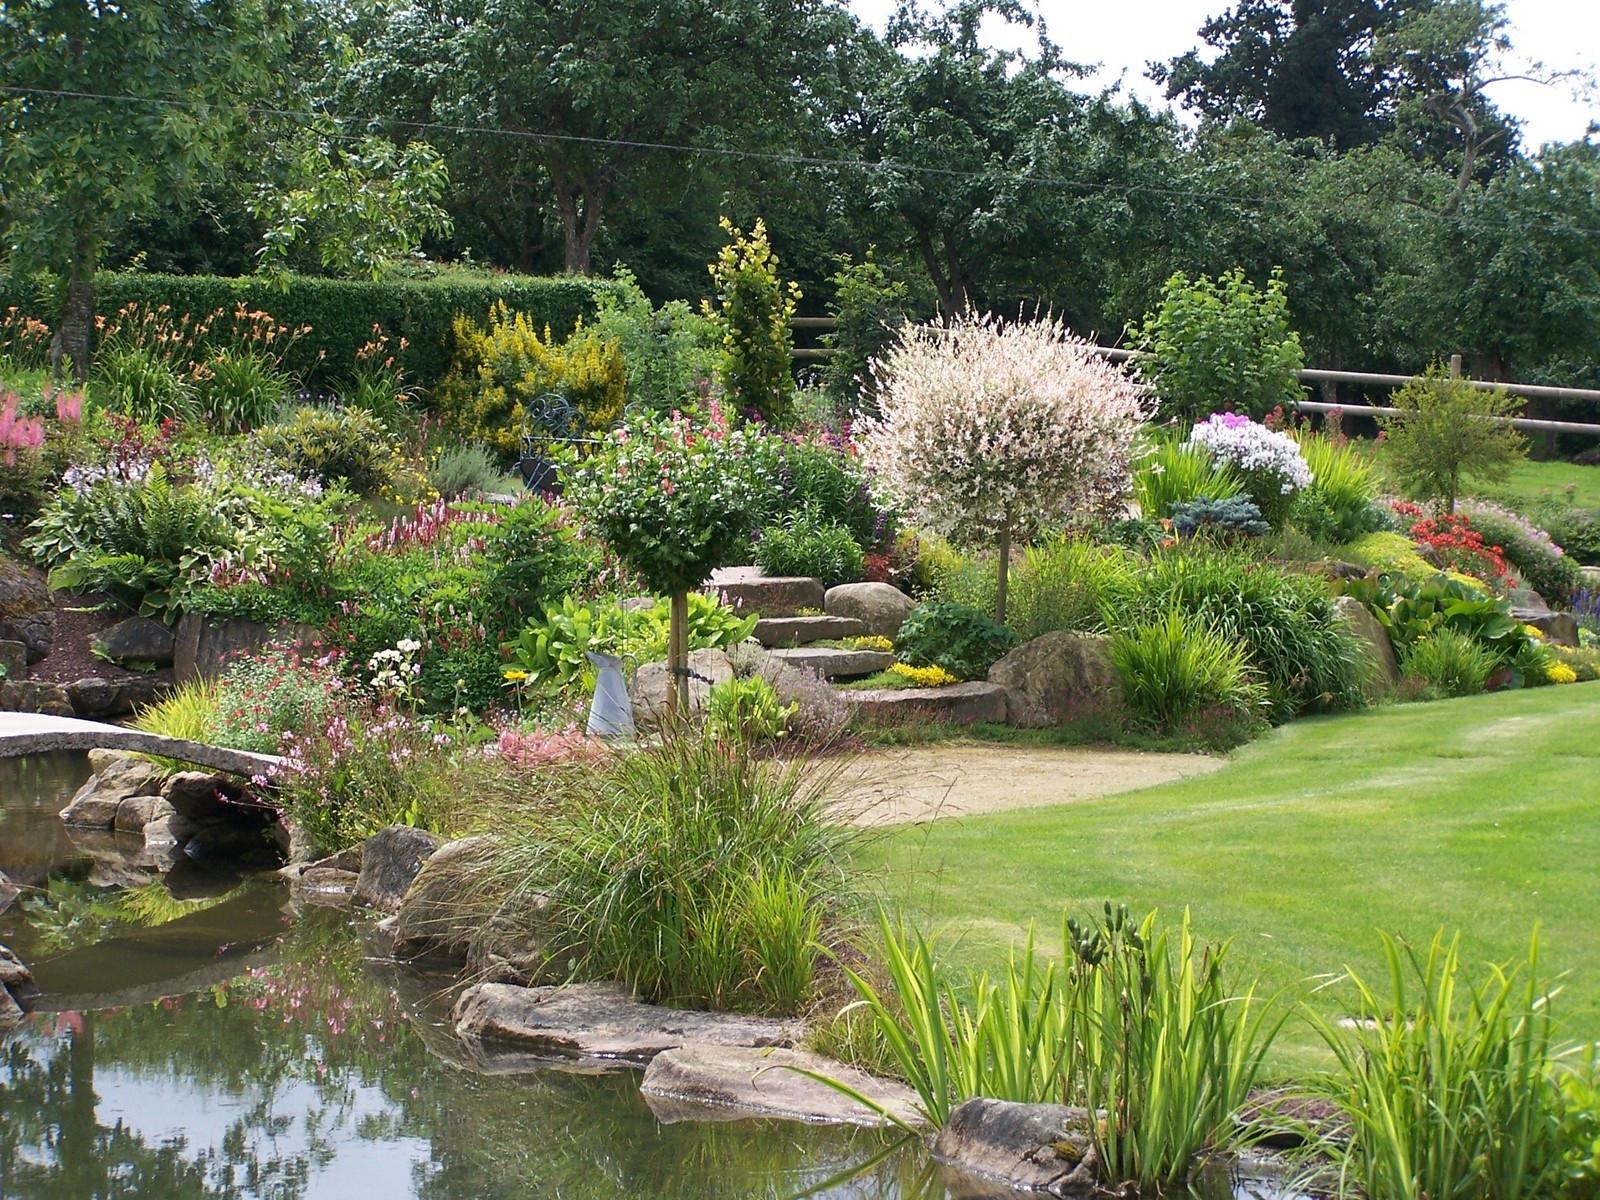 Quelles Plantes Et Fleurs Choisir Pour Créer Un Beau Jardin ... tout Comment Creer Un Jardin Paysager